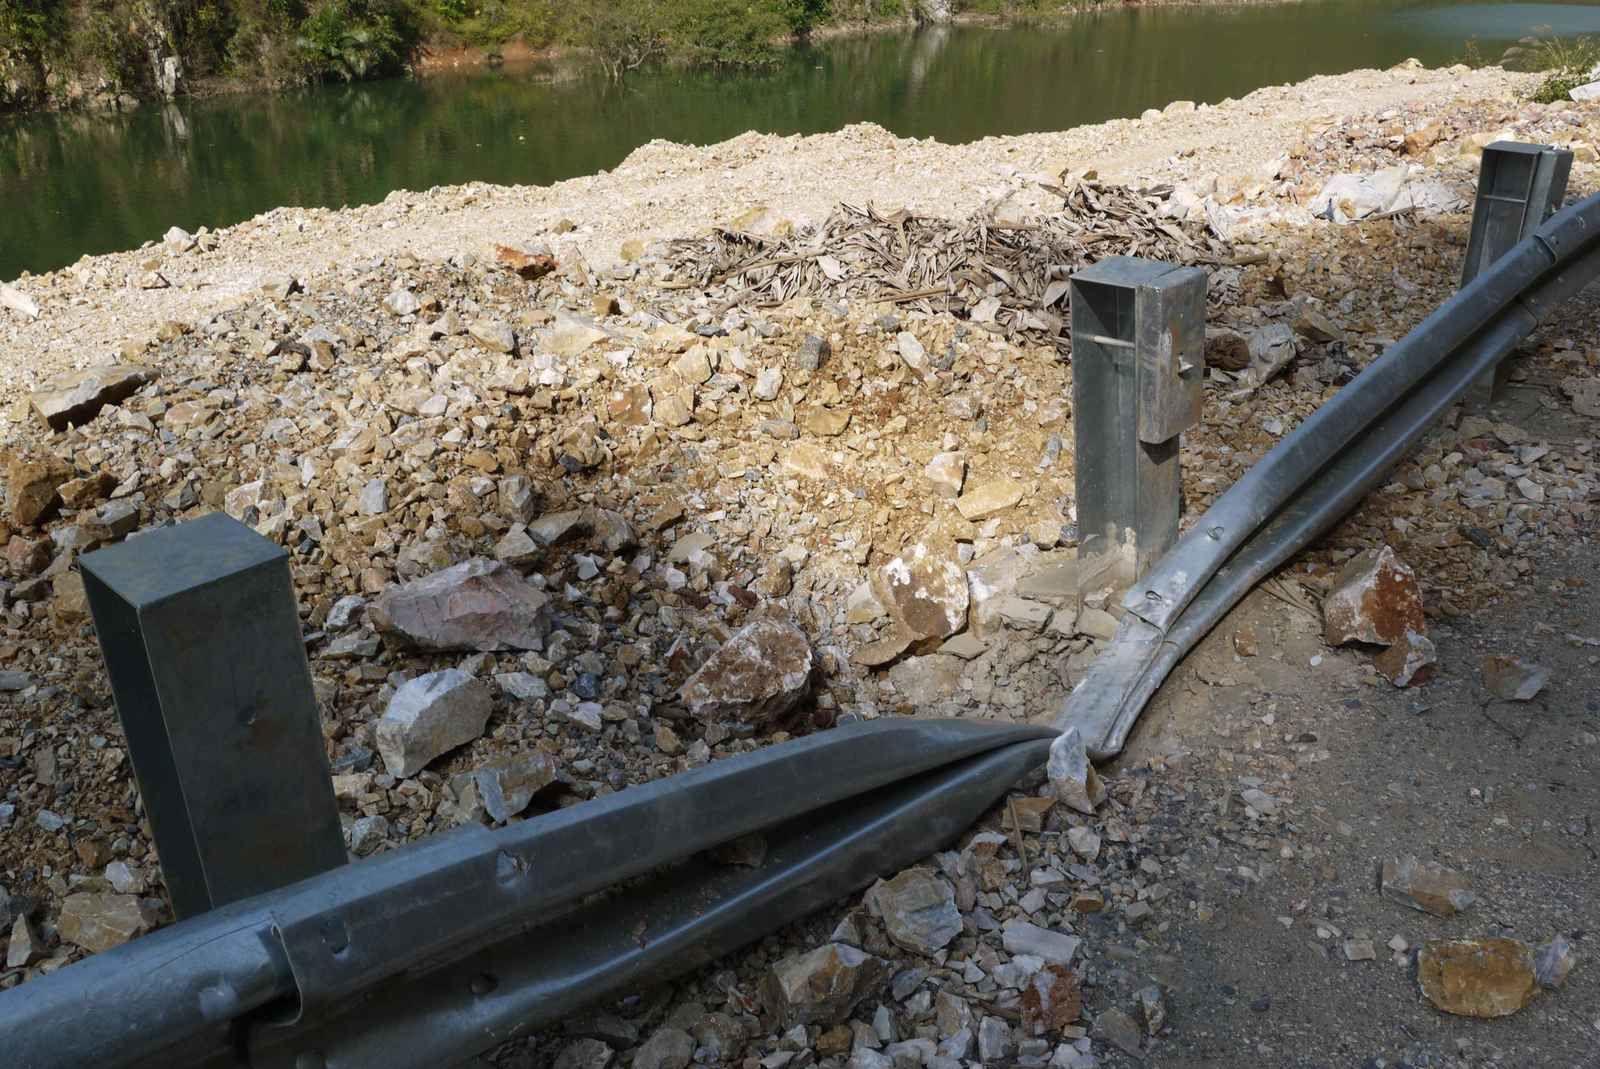 Vu l'état de la barrière de sécurité, si un rocher comme celui-ci tombe sur le vélo faudra prendre le bus